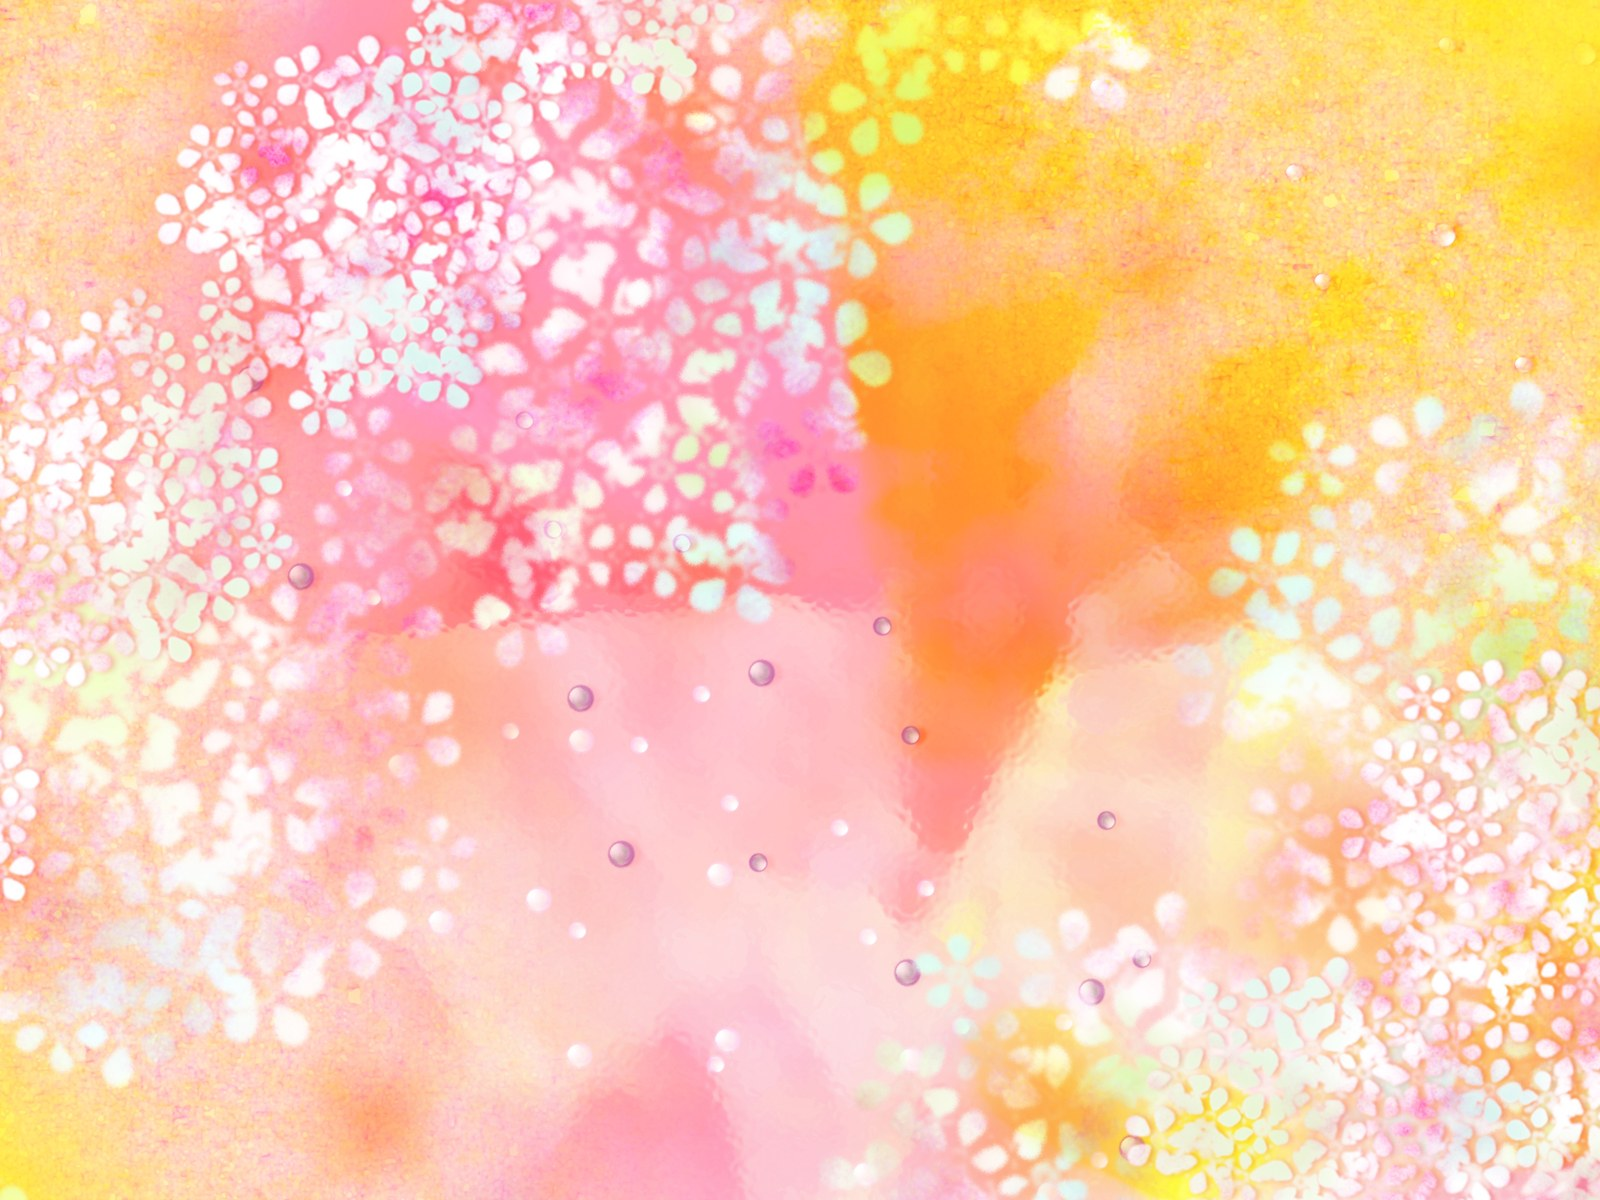 生活版区 动漫山庄 03 [推荐]素材-精美的日本风格碎花背景图片